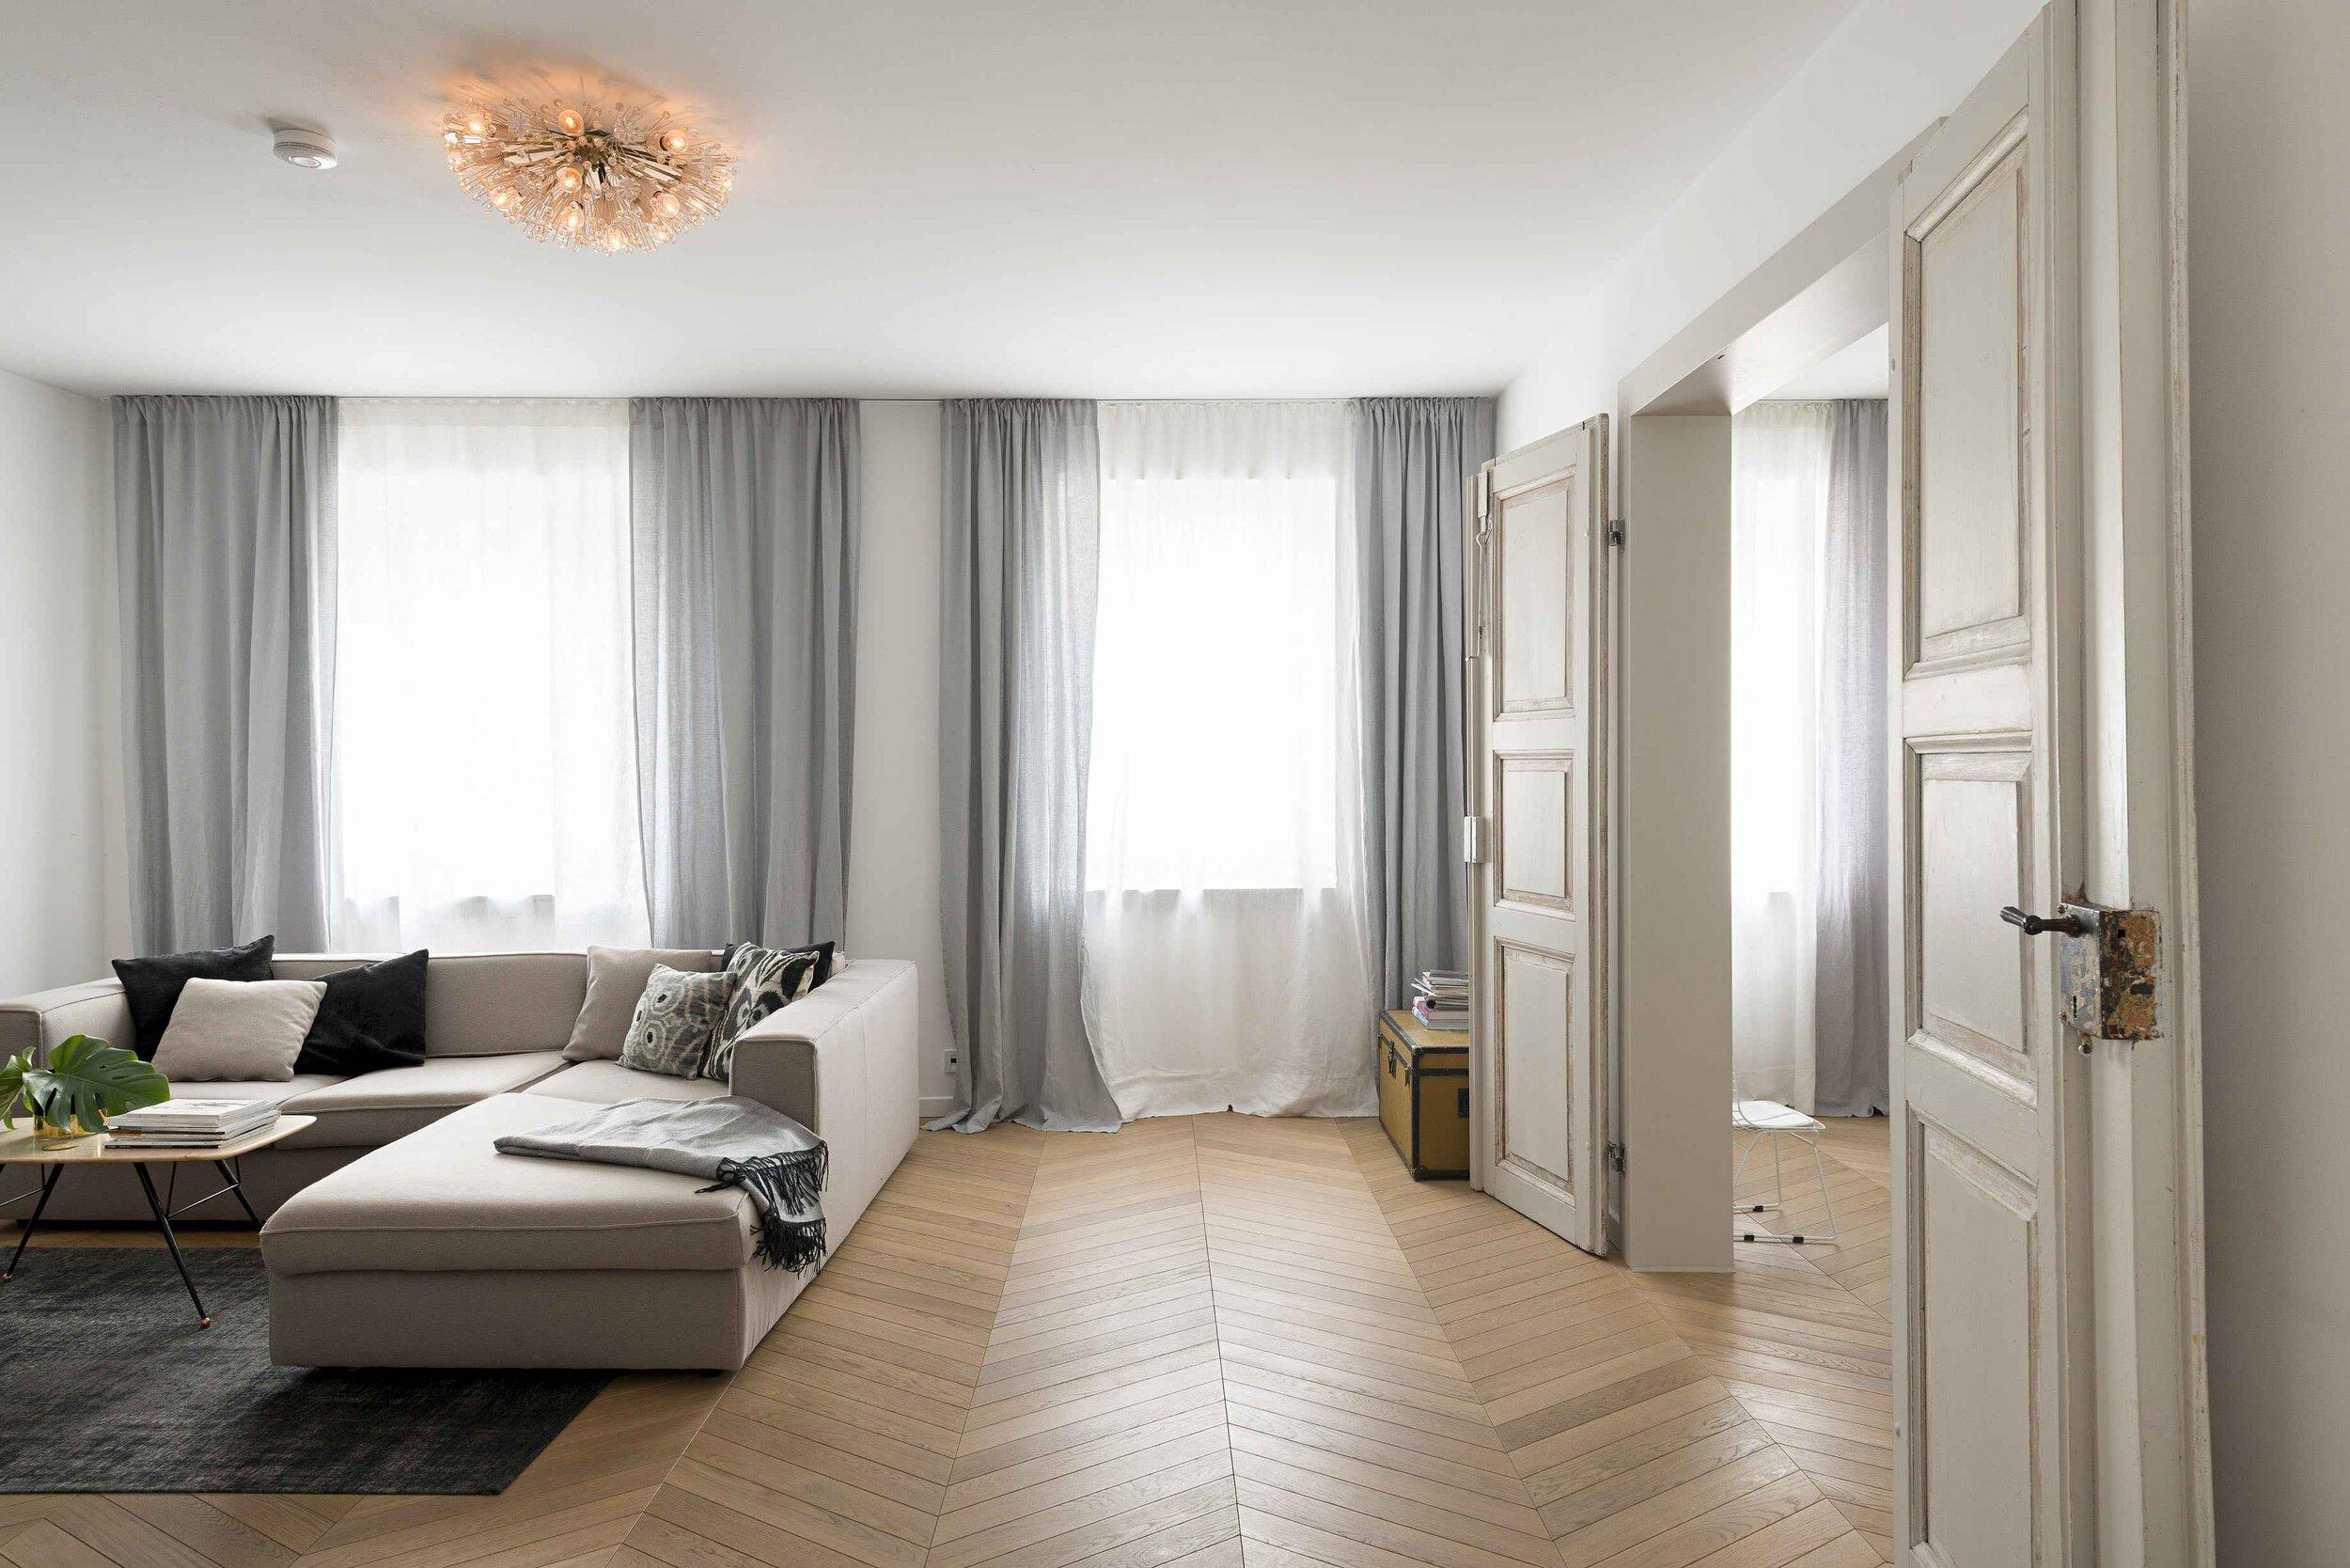 Buero Philipp Moeller-Architektur-Muenchen-Sanierung-Wohnung11.jpg